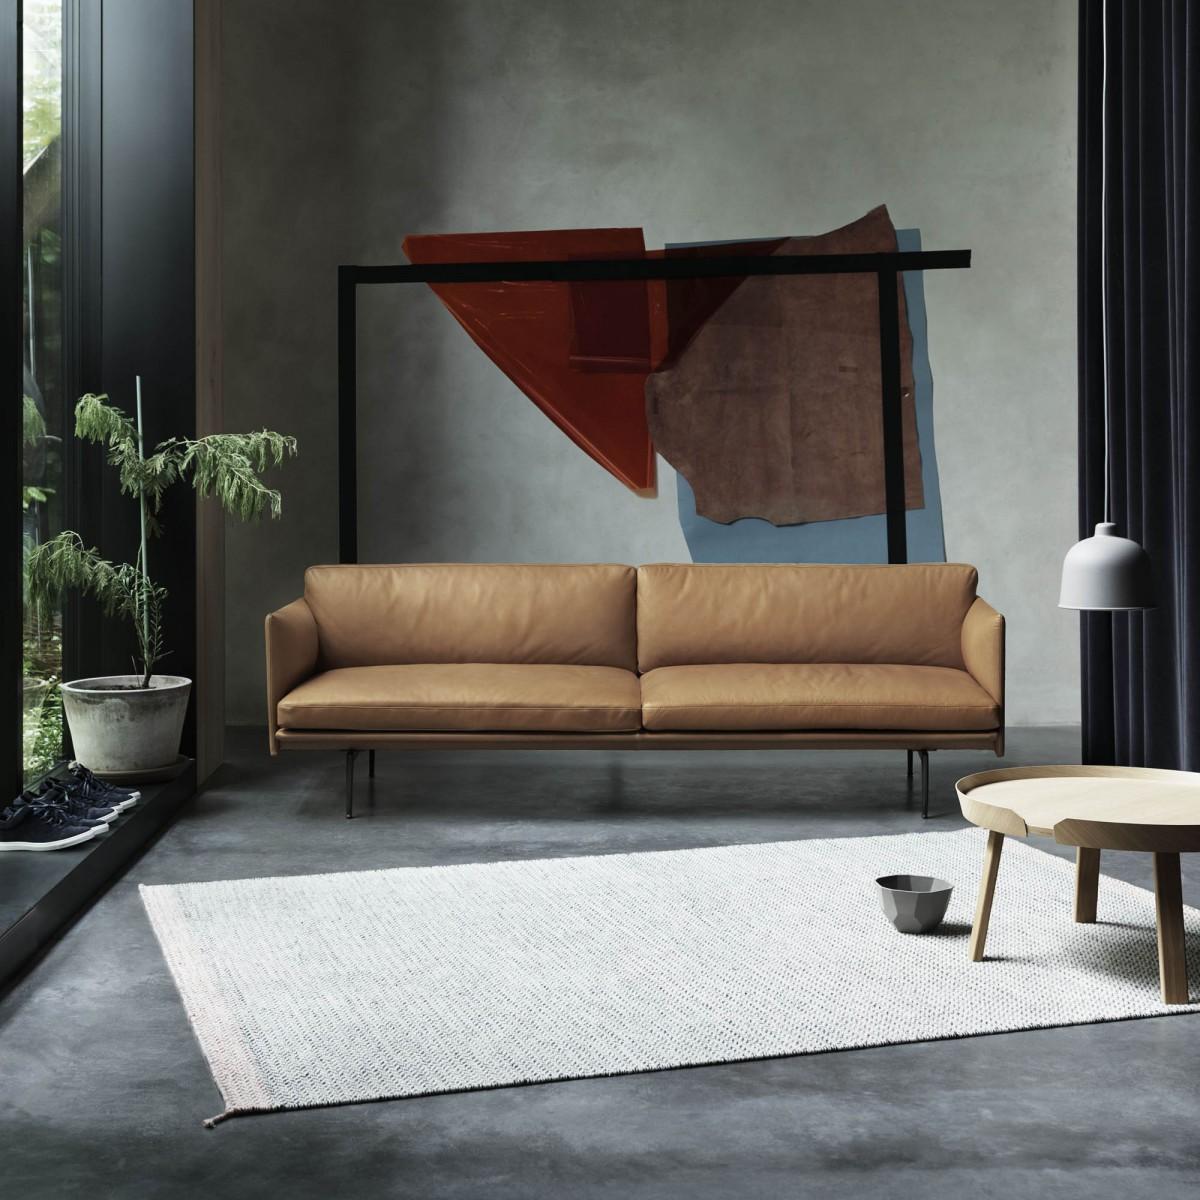 canap outline 3 places l gant et confortable muuto. Black Bedroom Furniture Sets. Home Design Ideas